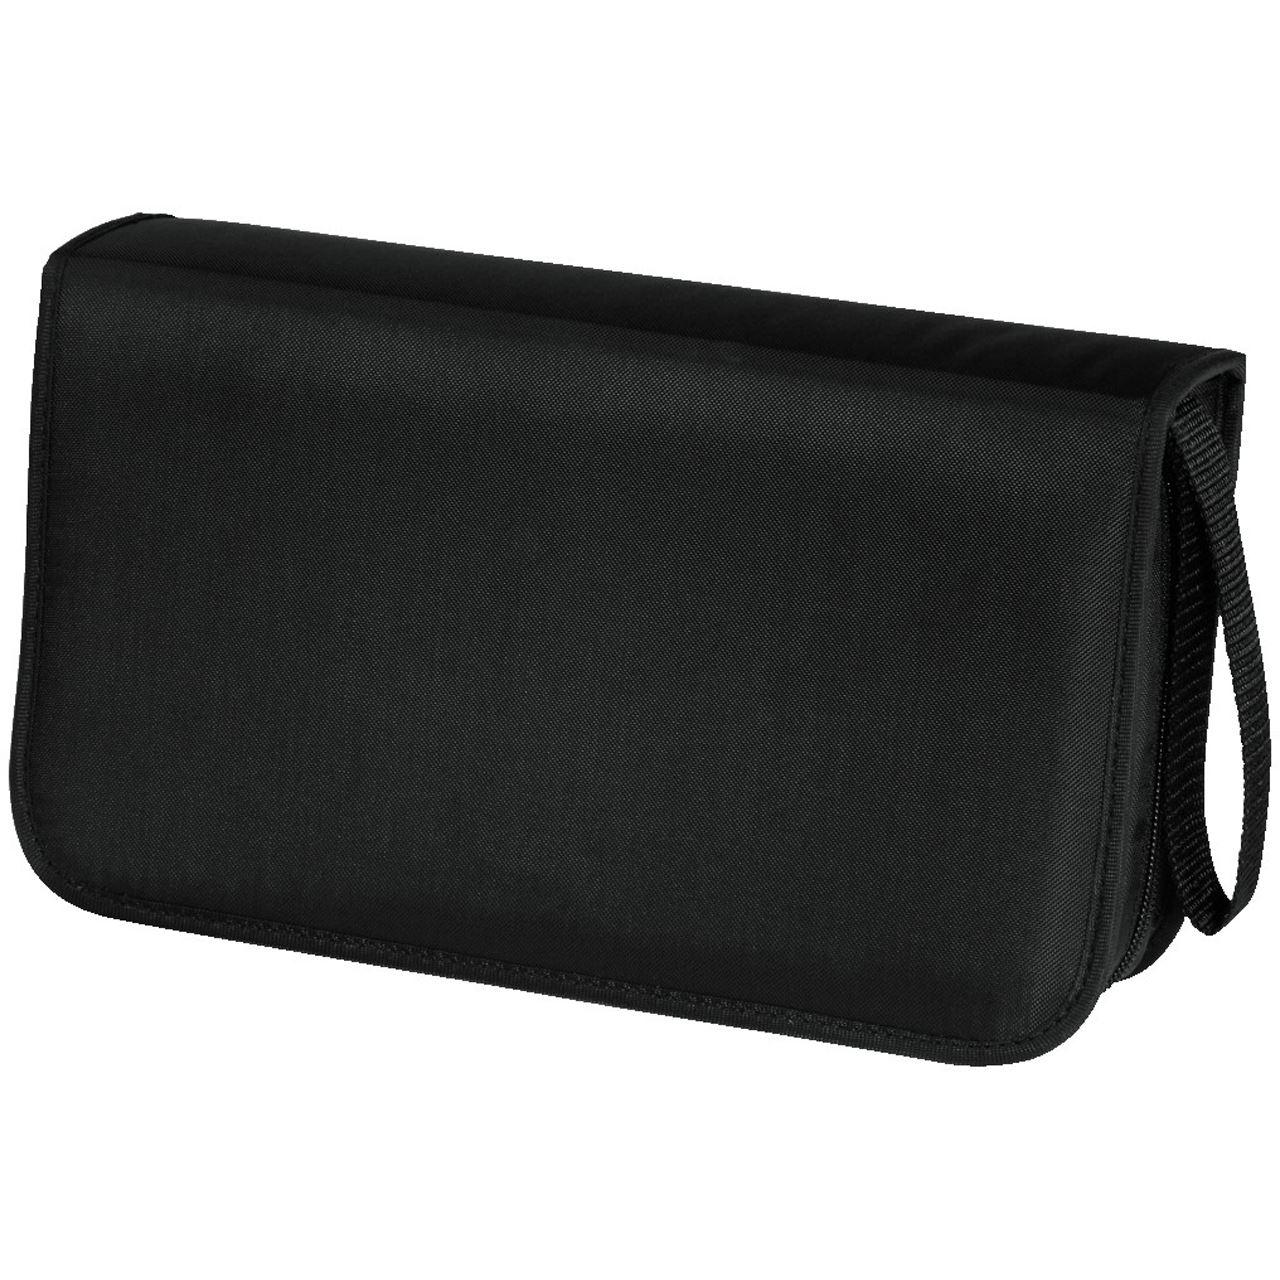 Hama CD-/DVD-/Blu-Ray-Tasche 80 schwarz Tasche für Aufbewahrung ...